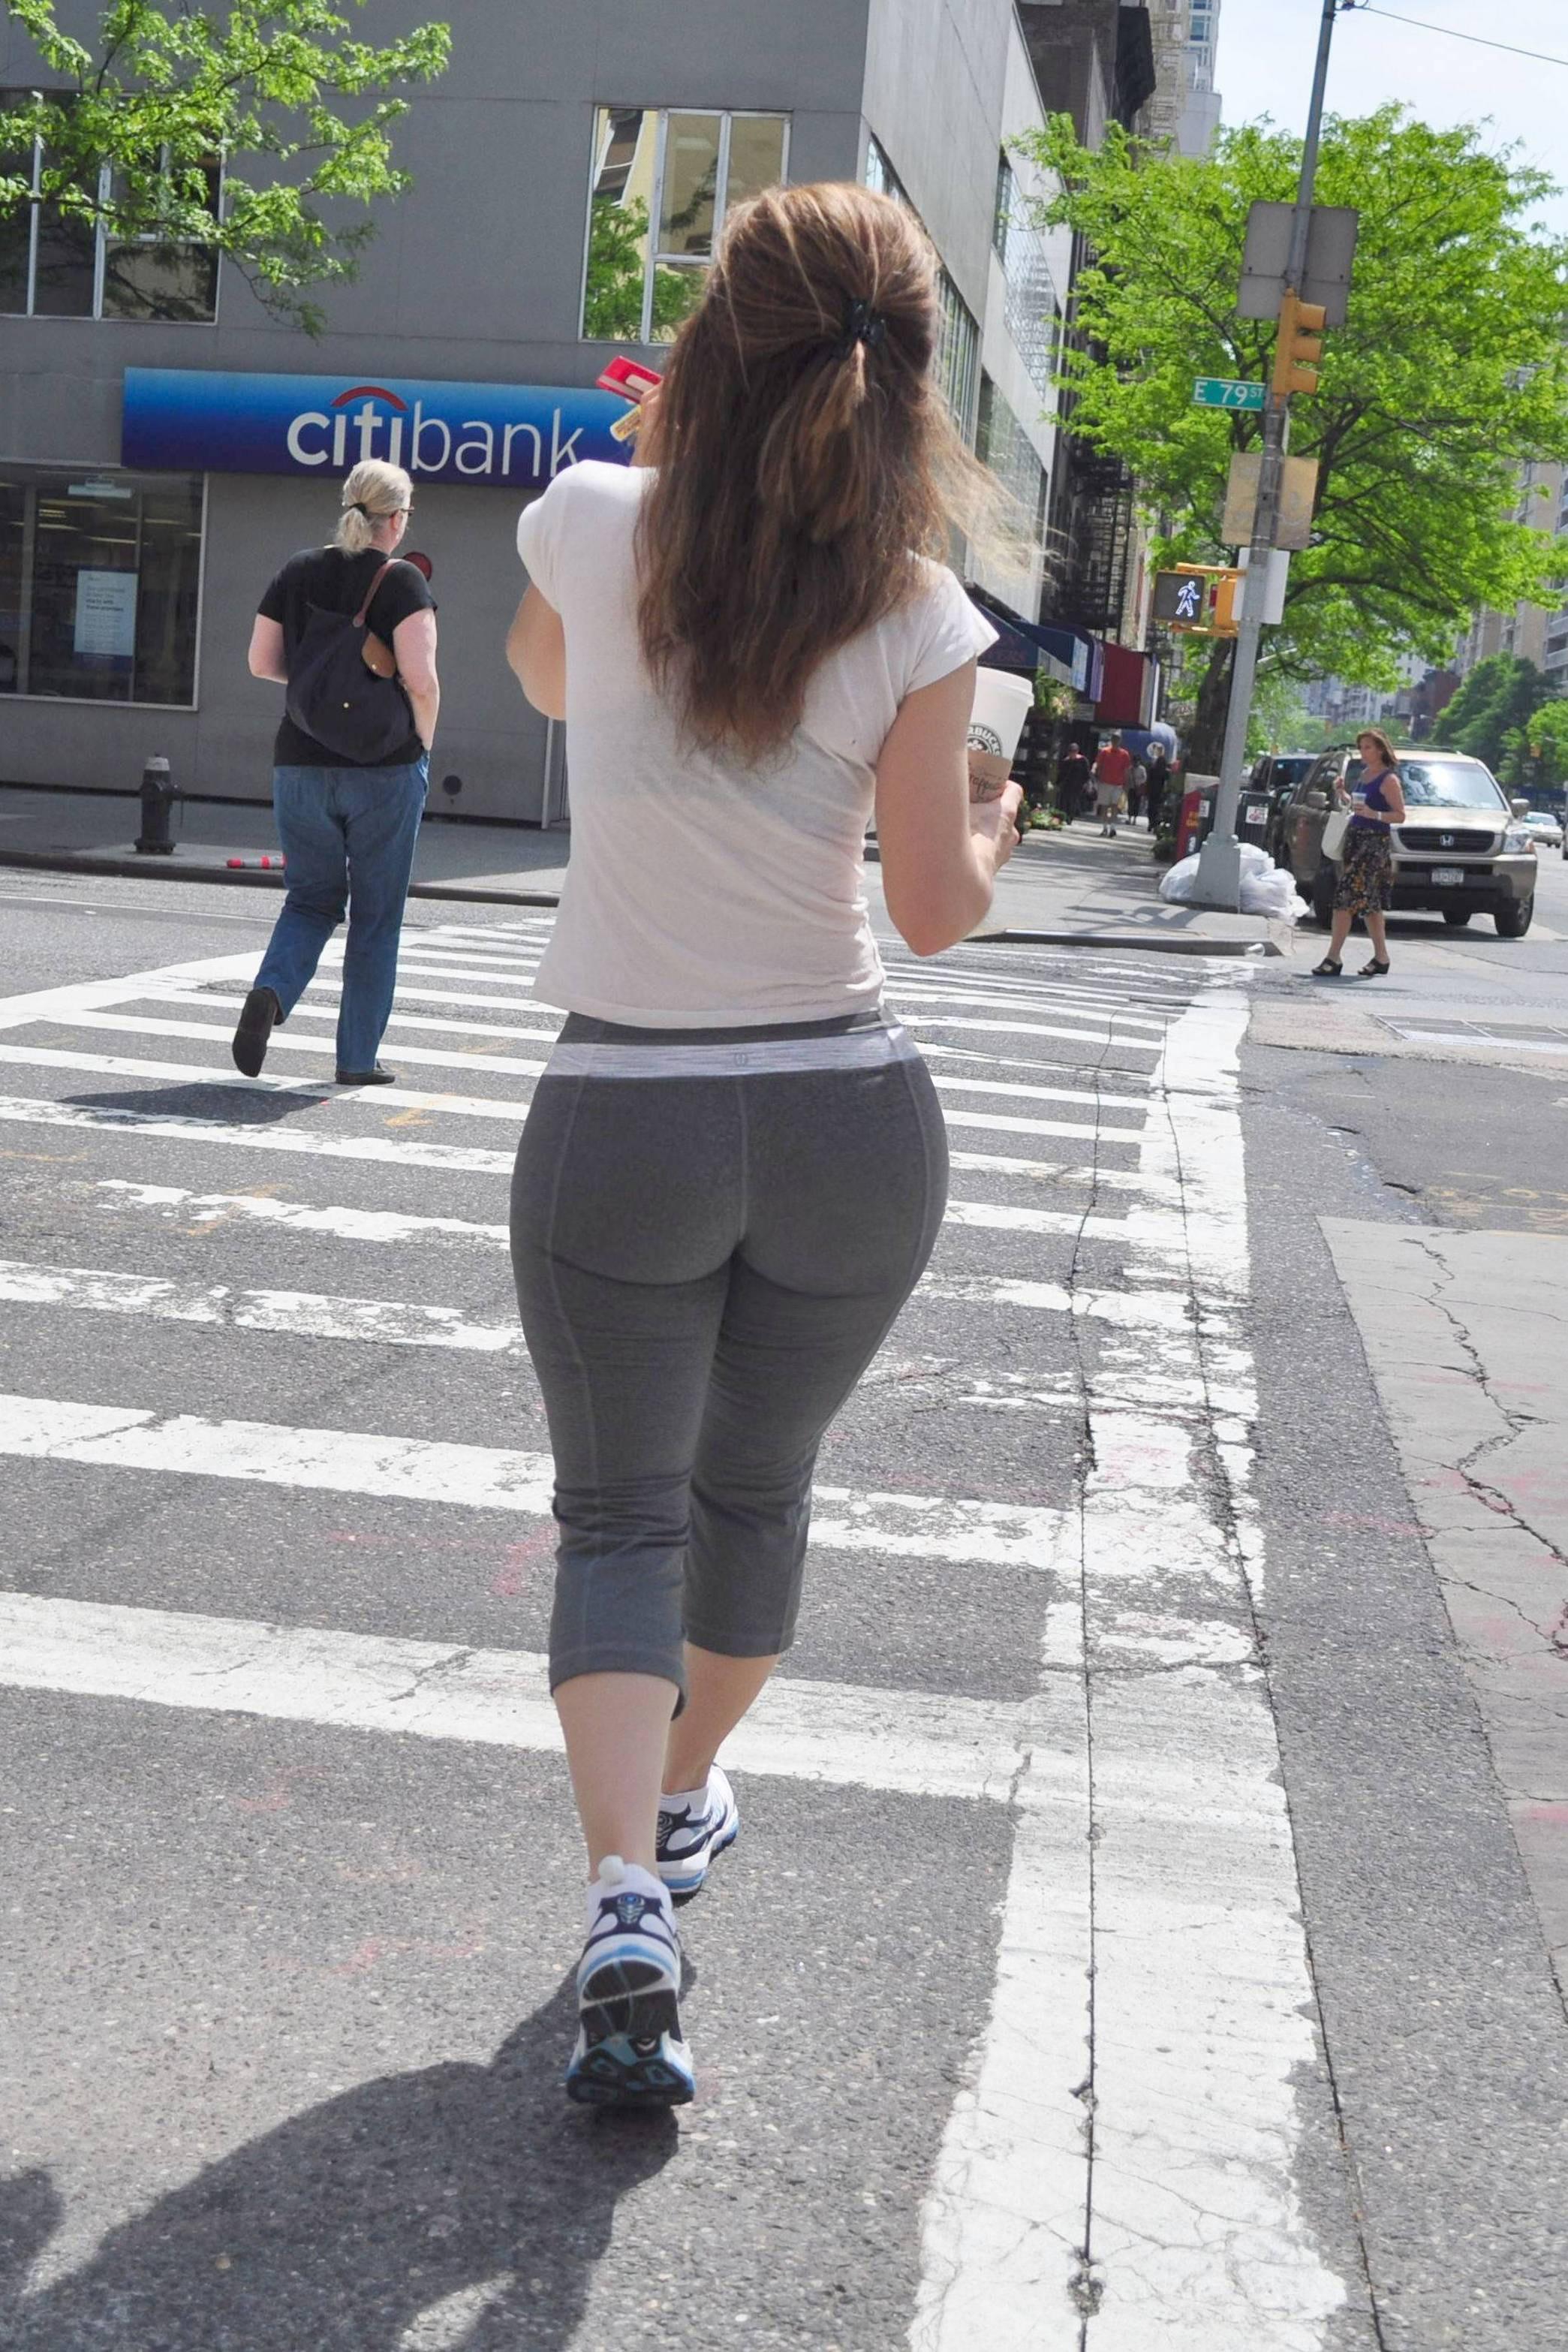 afternoon-jog-creepshot-in-yoga-pants.jpg